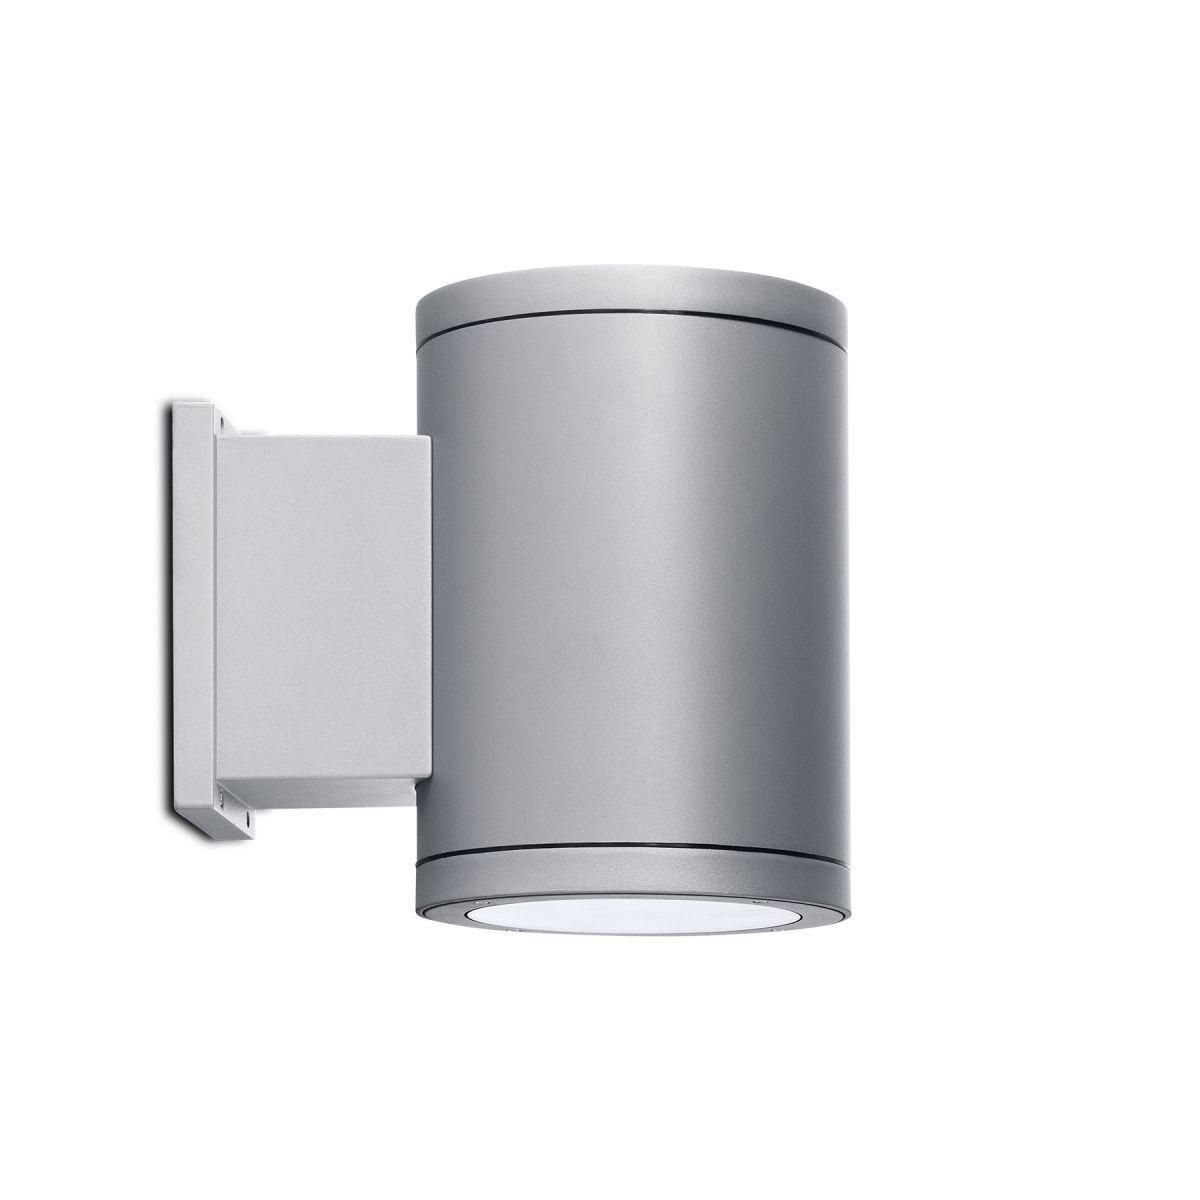 Maxi TUBE - Single lamp  Wall Up/Downlight